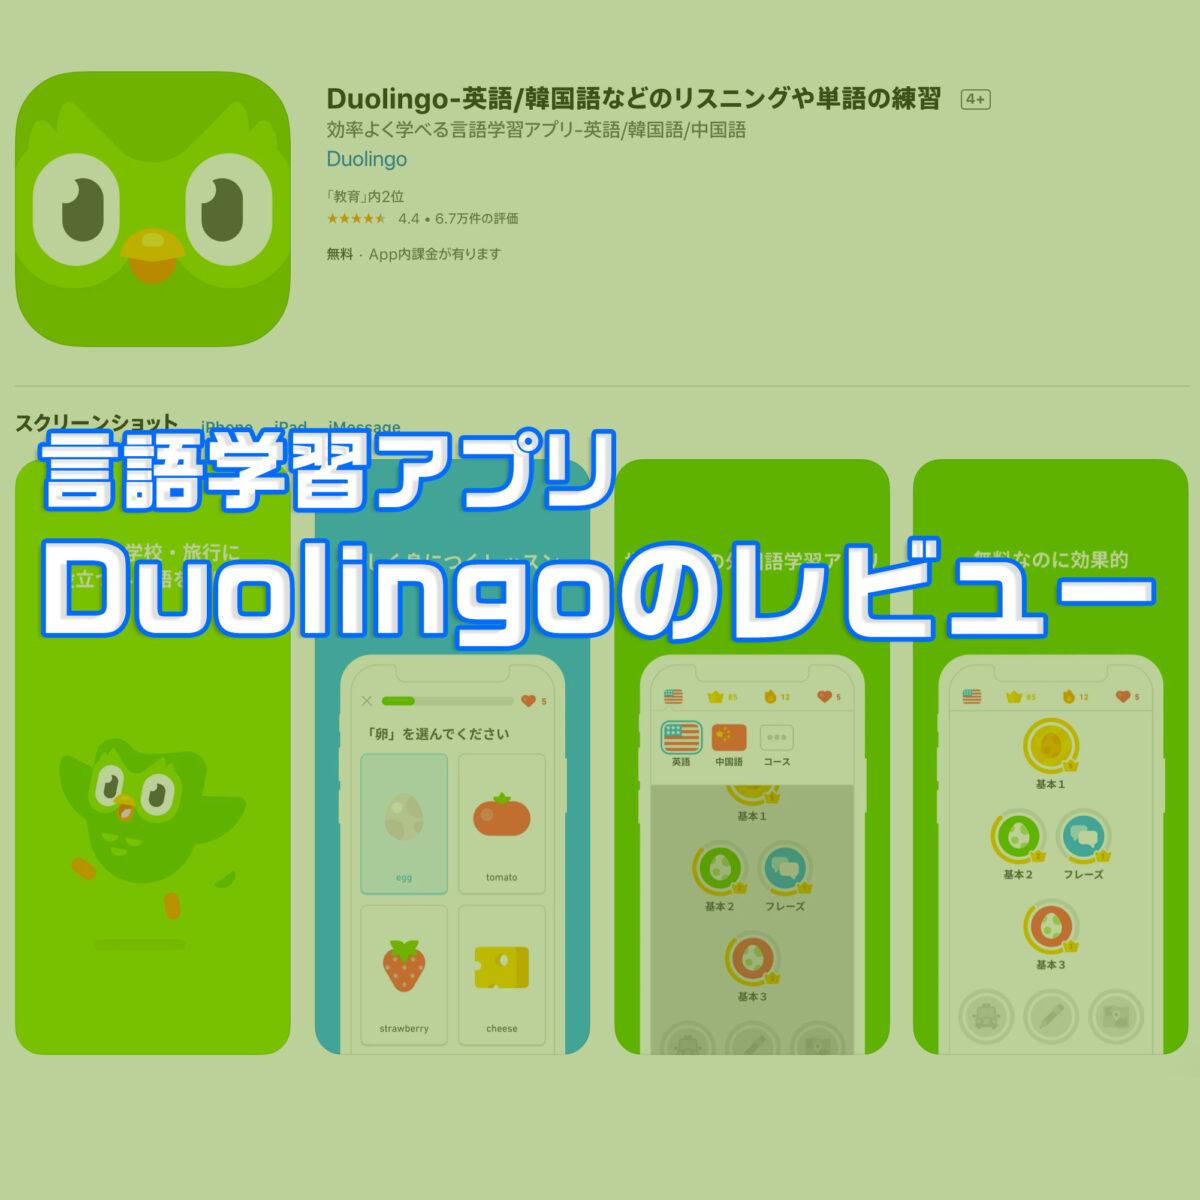 アプリで言語学習・Duolingo